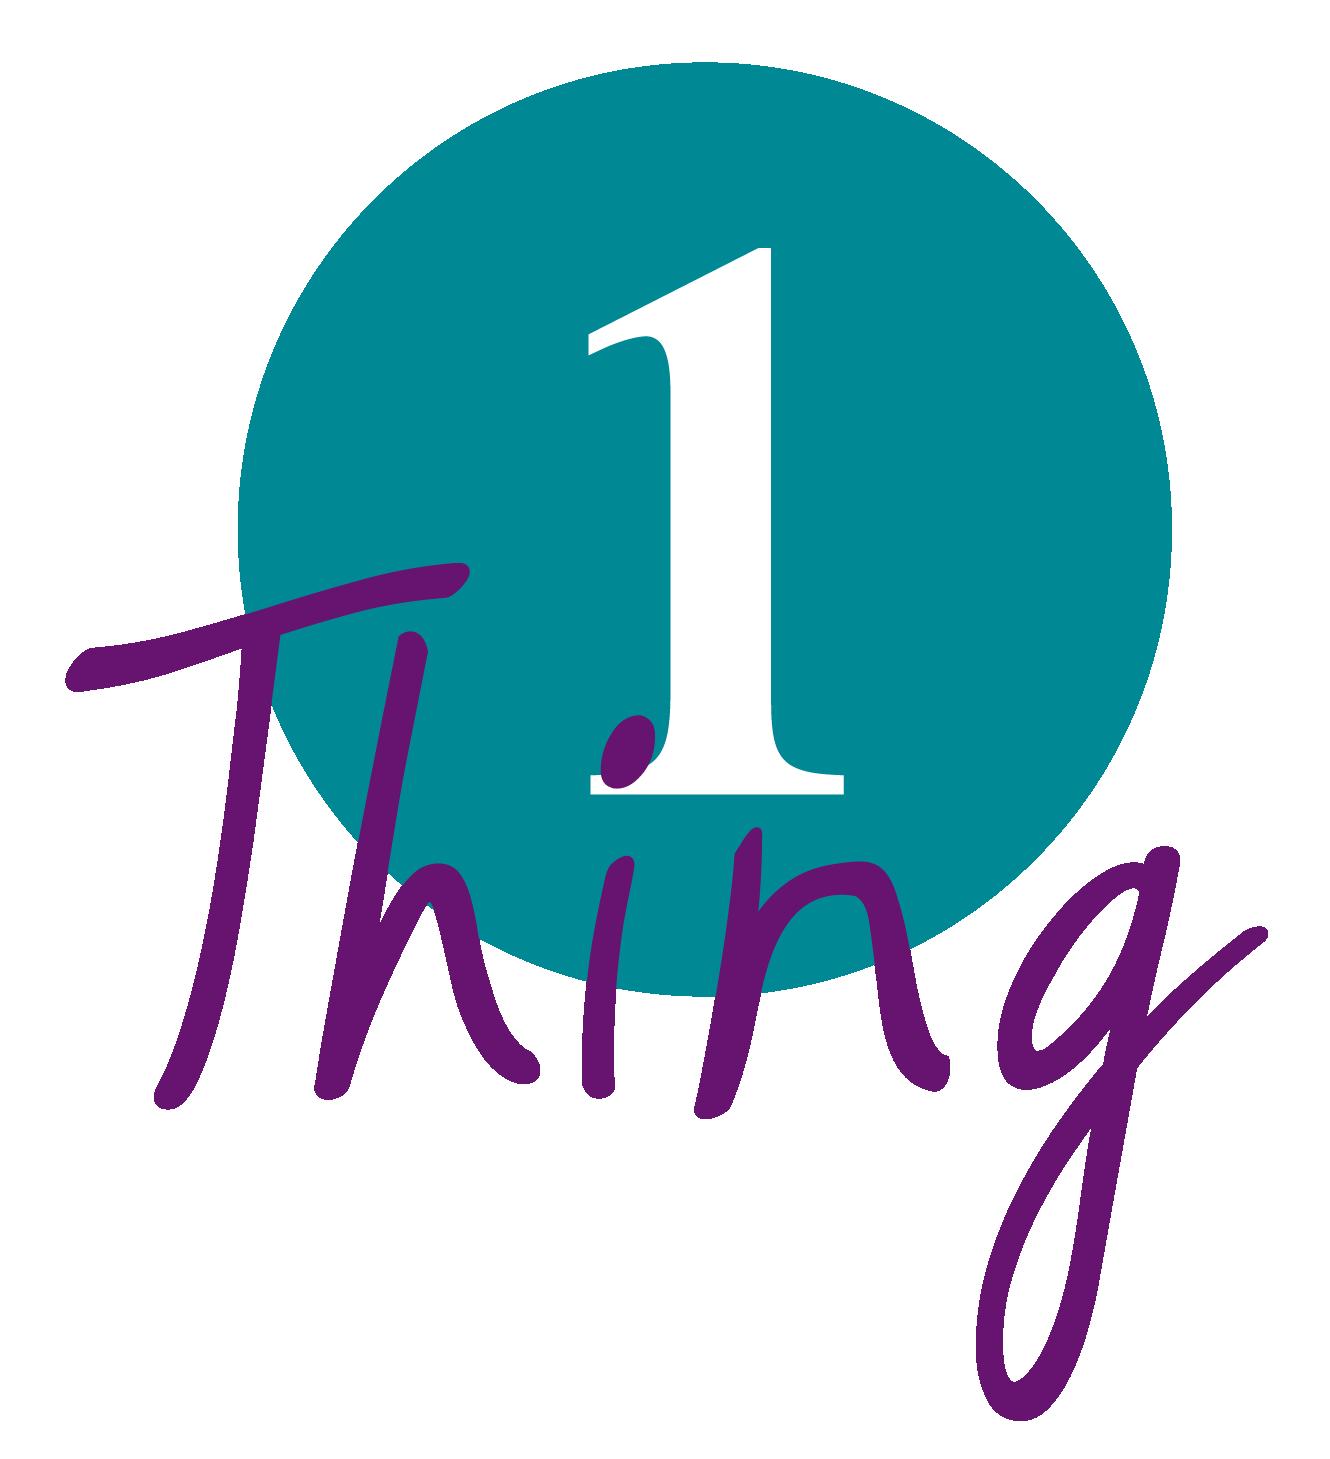 1 Thing